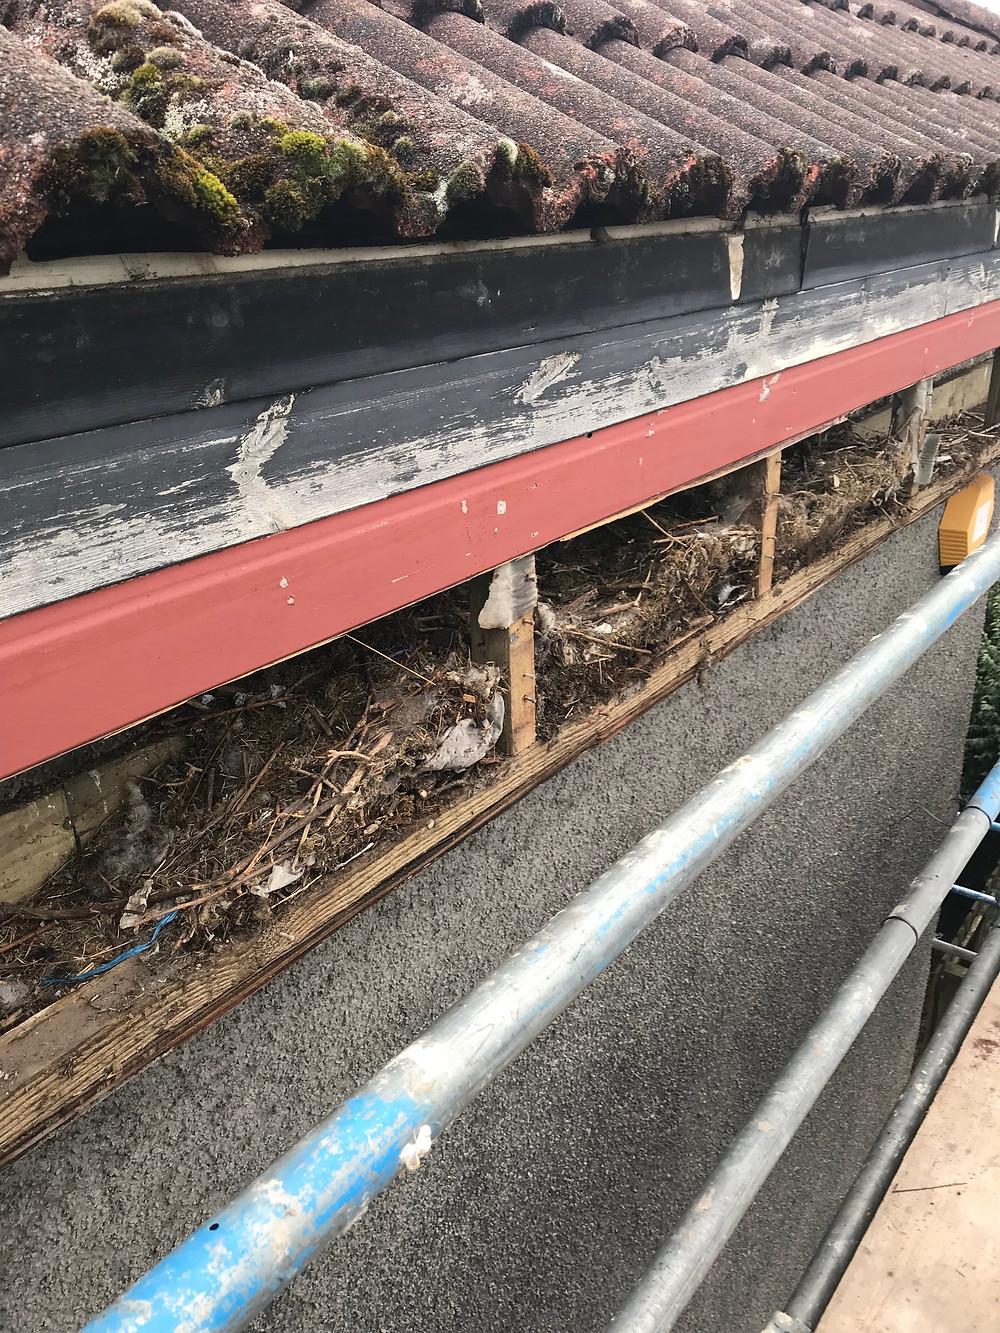 Years of debris behind fascia boards